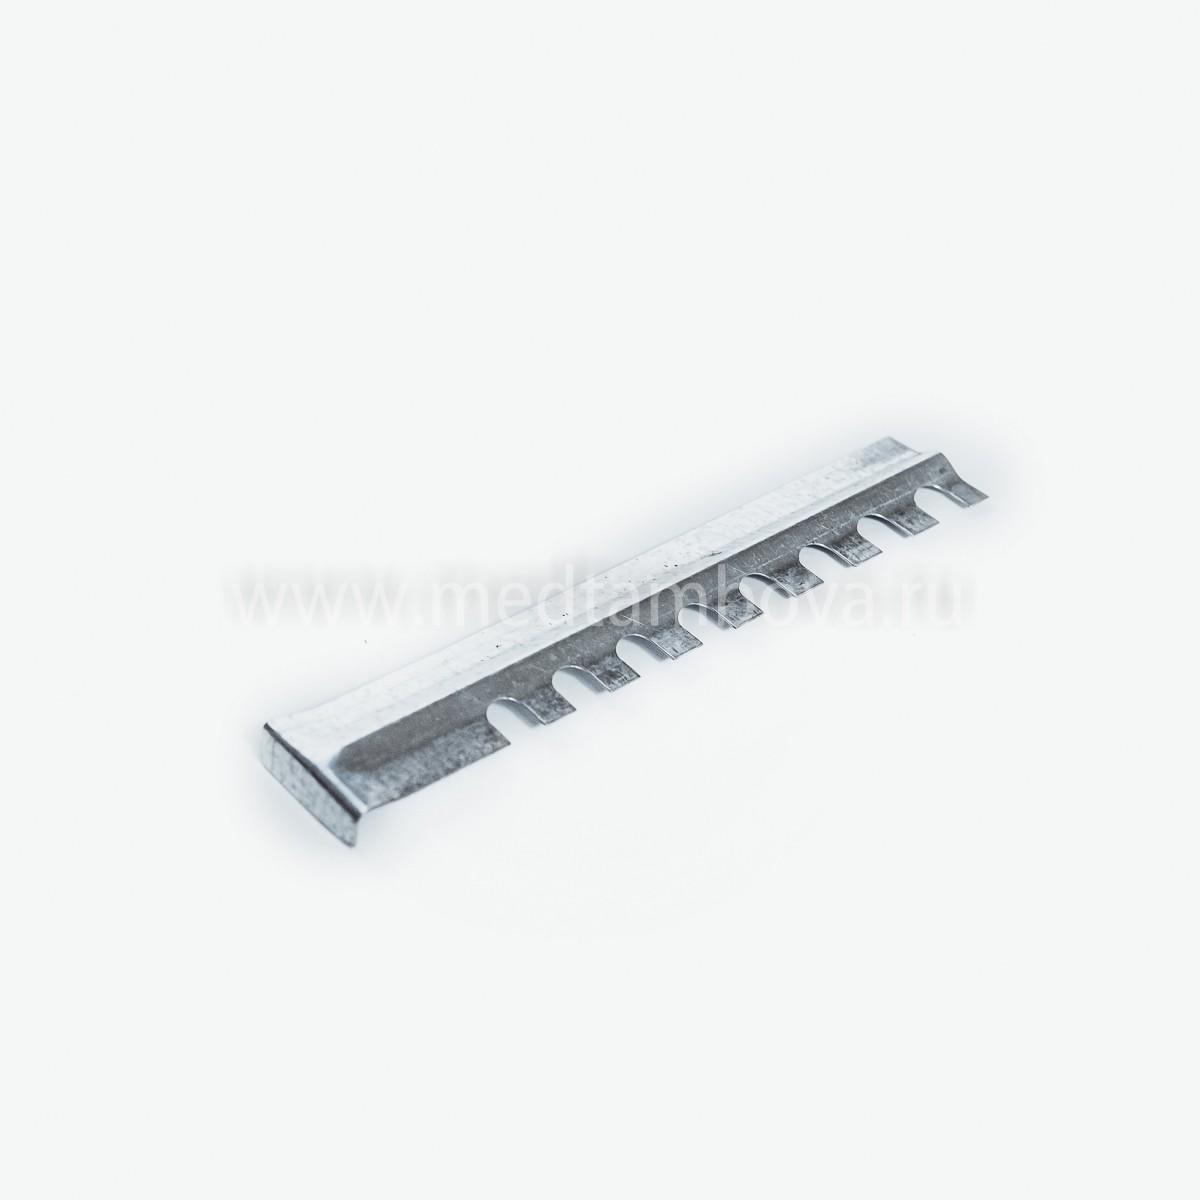 Летковый заградитель 3-Х элементный оцинкованный верхний 45*145